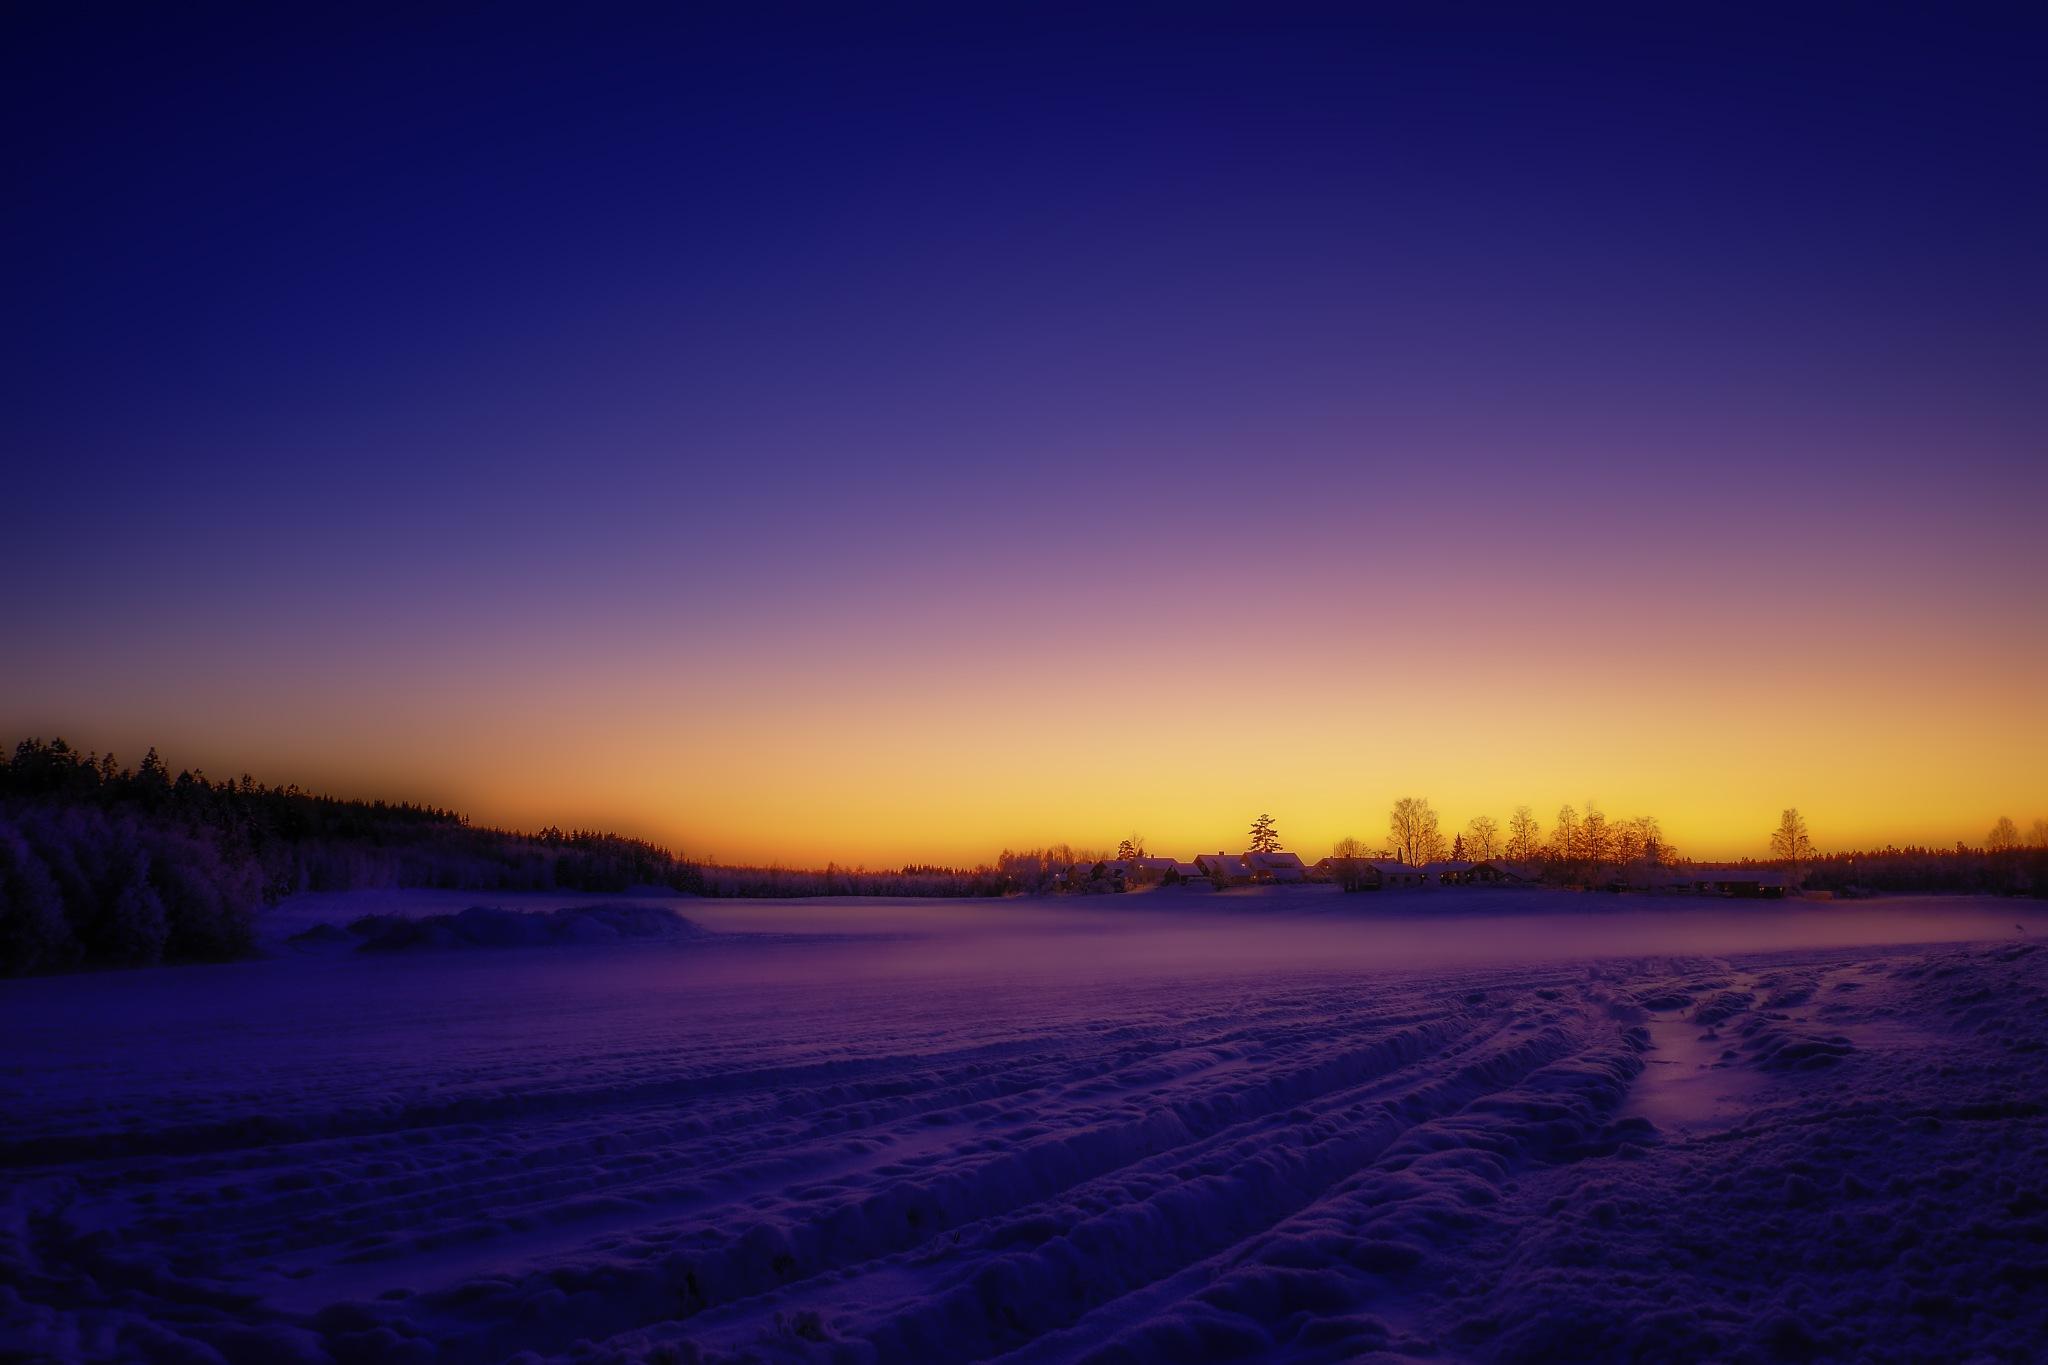 Northern Dawn - NORWAY by Goran Jorganovich